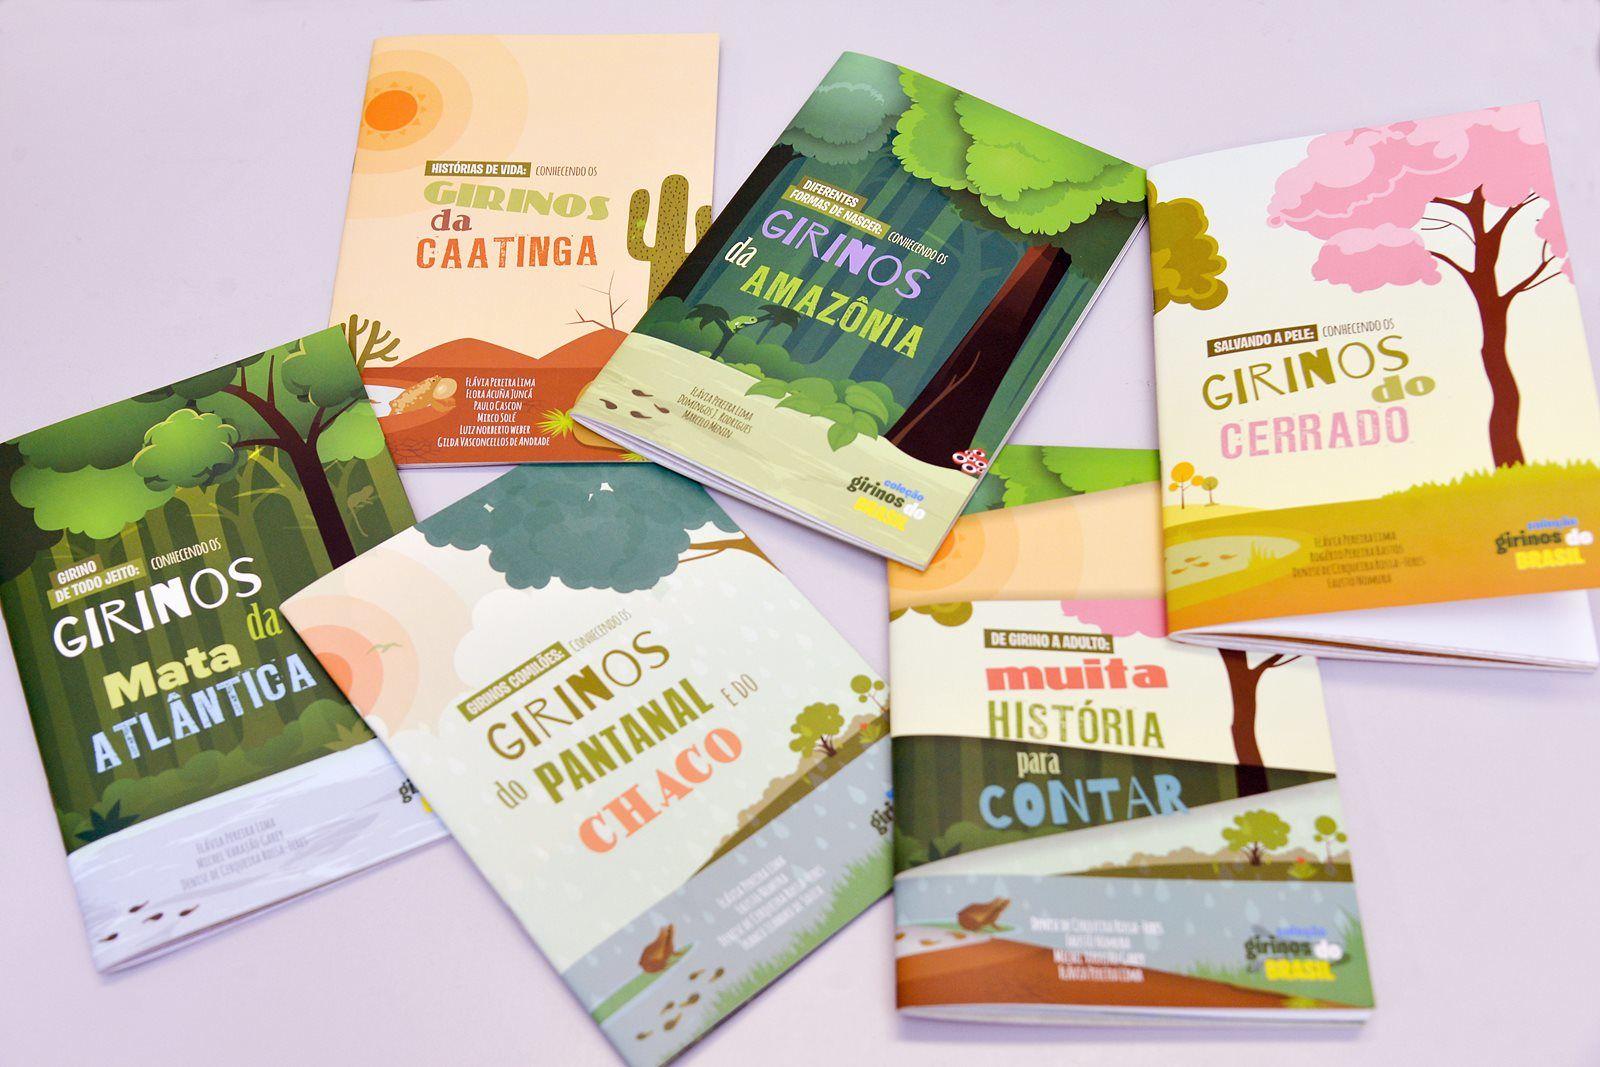 Projeto Girinos do Brasil: seis livros por 22 pesquisadores de 17 universidades públicas brasileiras (Reprodução)